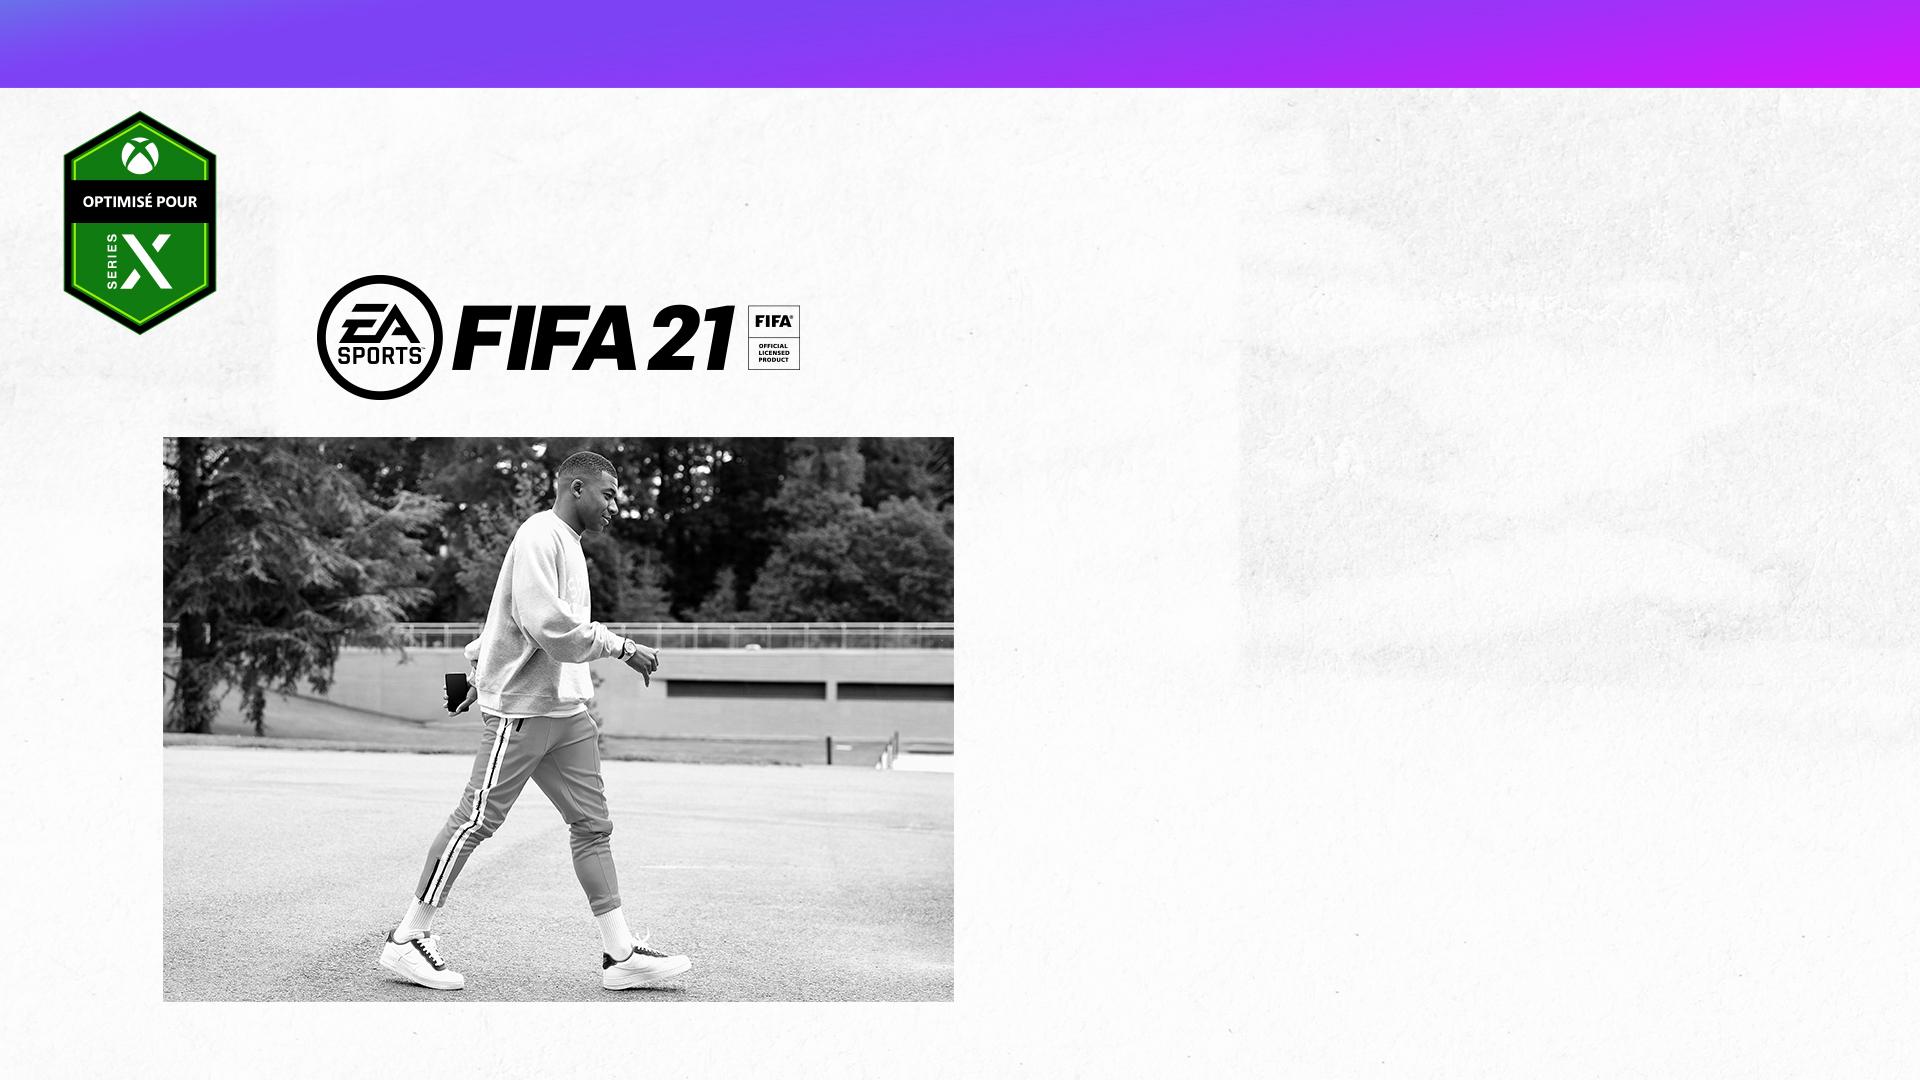 Optimisé pour Xbox Series X, logo EA Sports, FIFA 21, produit sous licence officielle de la FIFA, Kylian Mbappé marchant